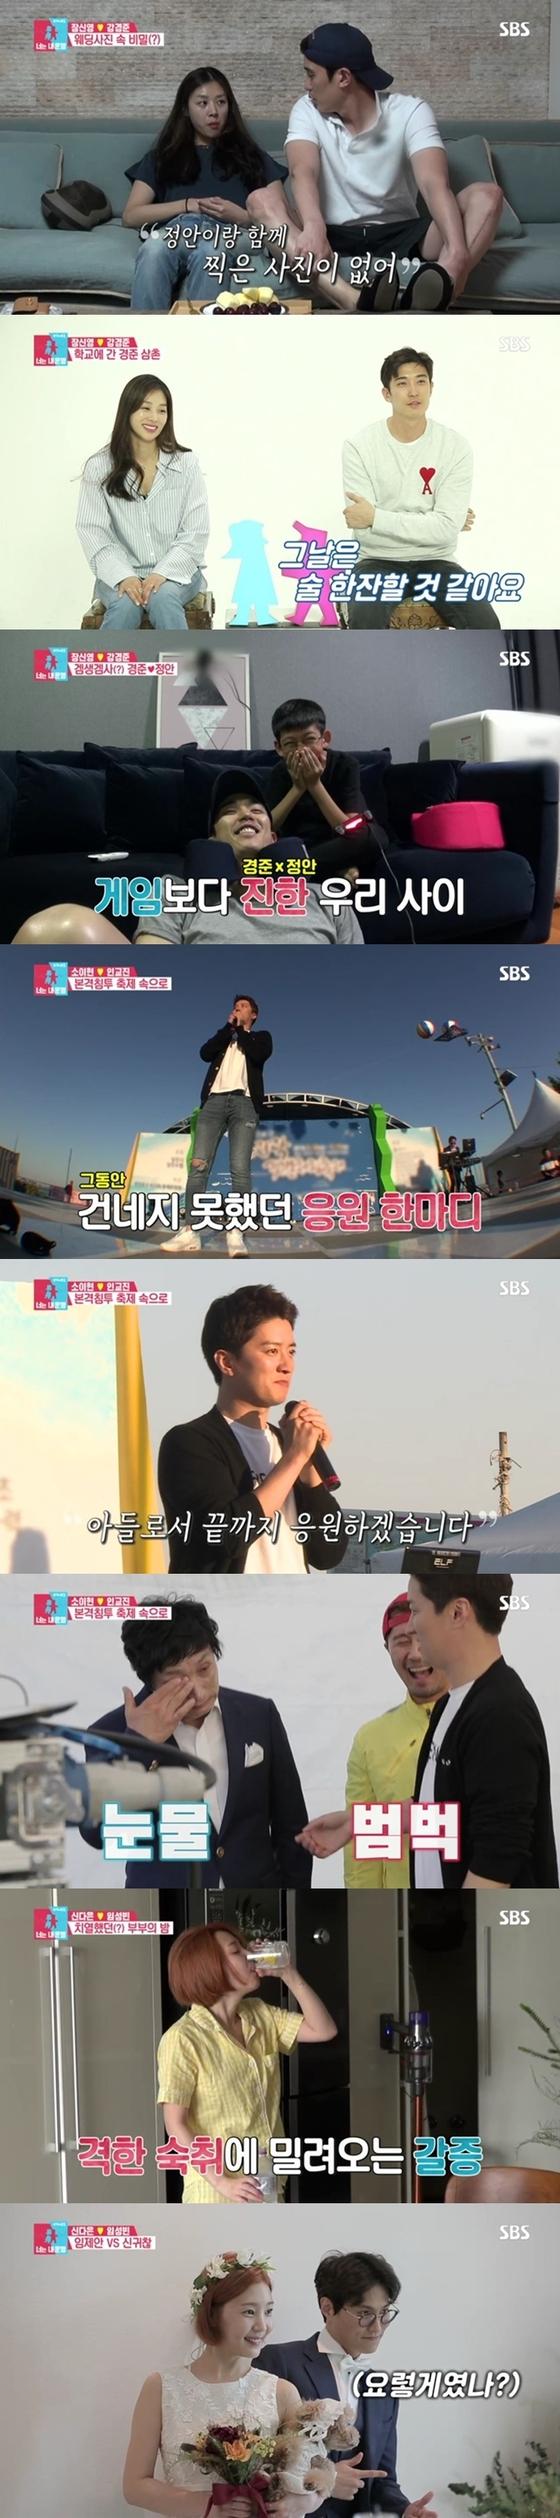 [N시청률] '동상이몽2' 신다은, 숙취 고통+모닝 민낯…11.4% 최고의 1분